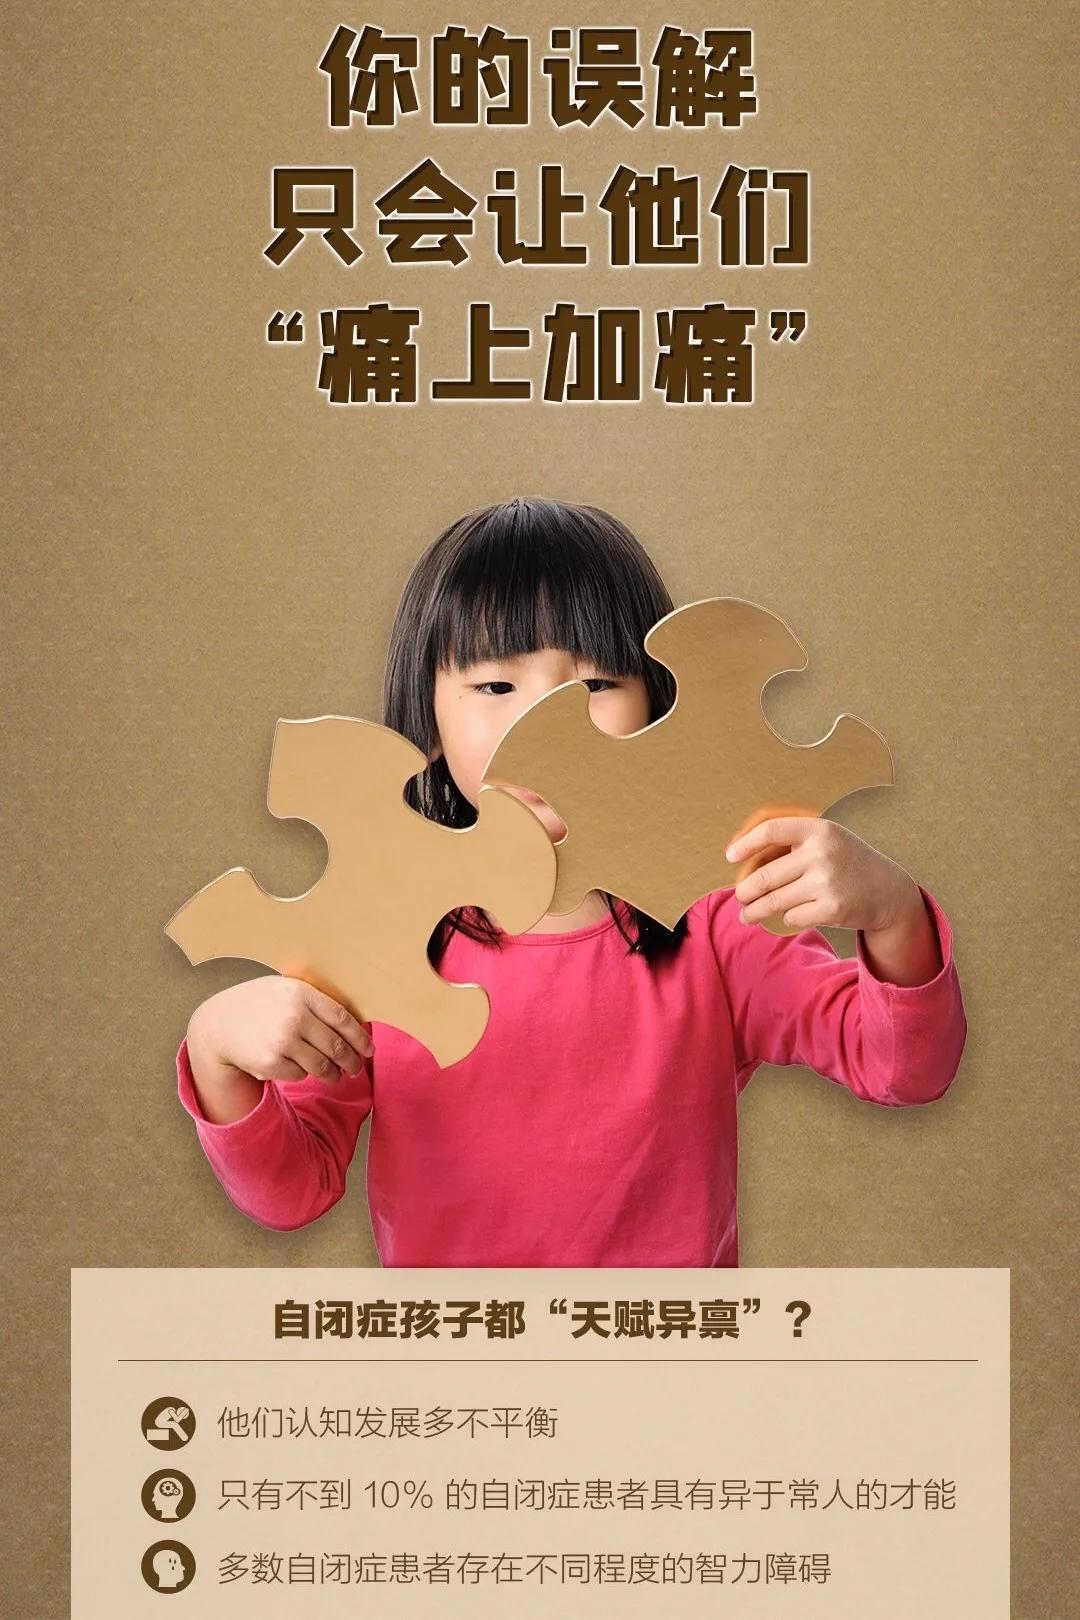 https://level8cases.oss-cn-hangzhou.aliyuncs.com/640.webp(4)-4a91c796-6b54-47f1-8fb4-946b27737d19.jpg